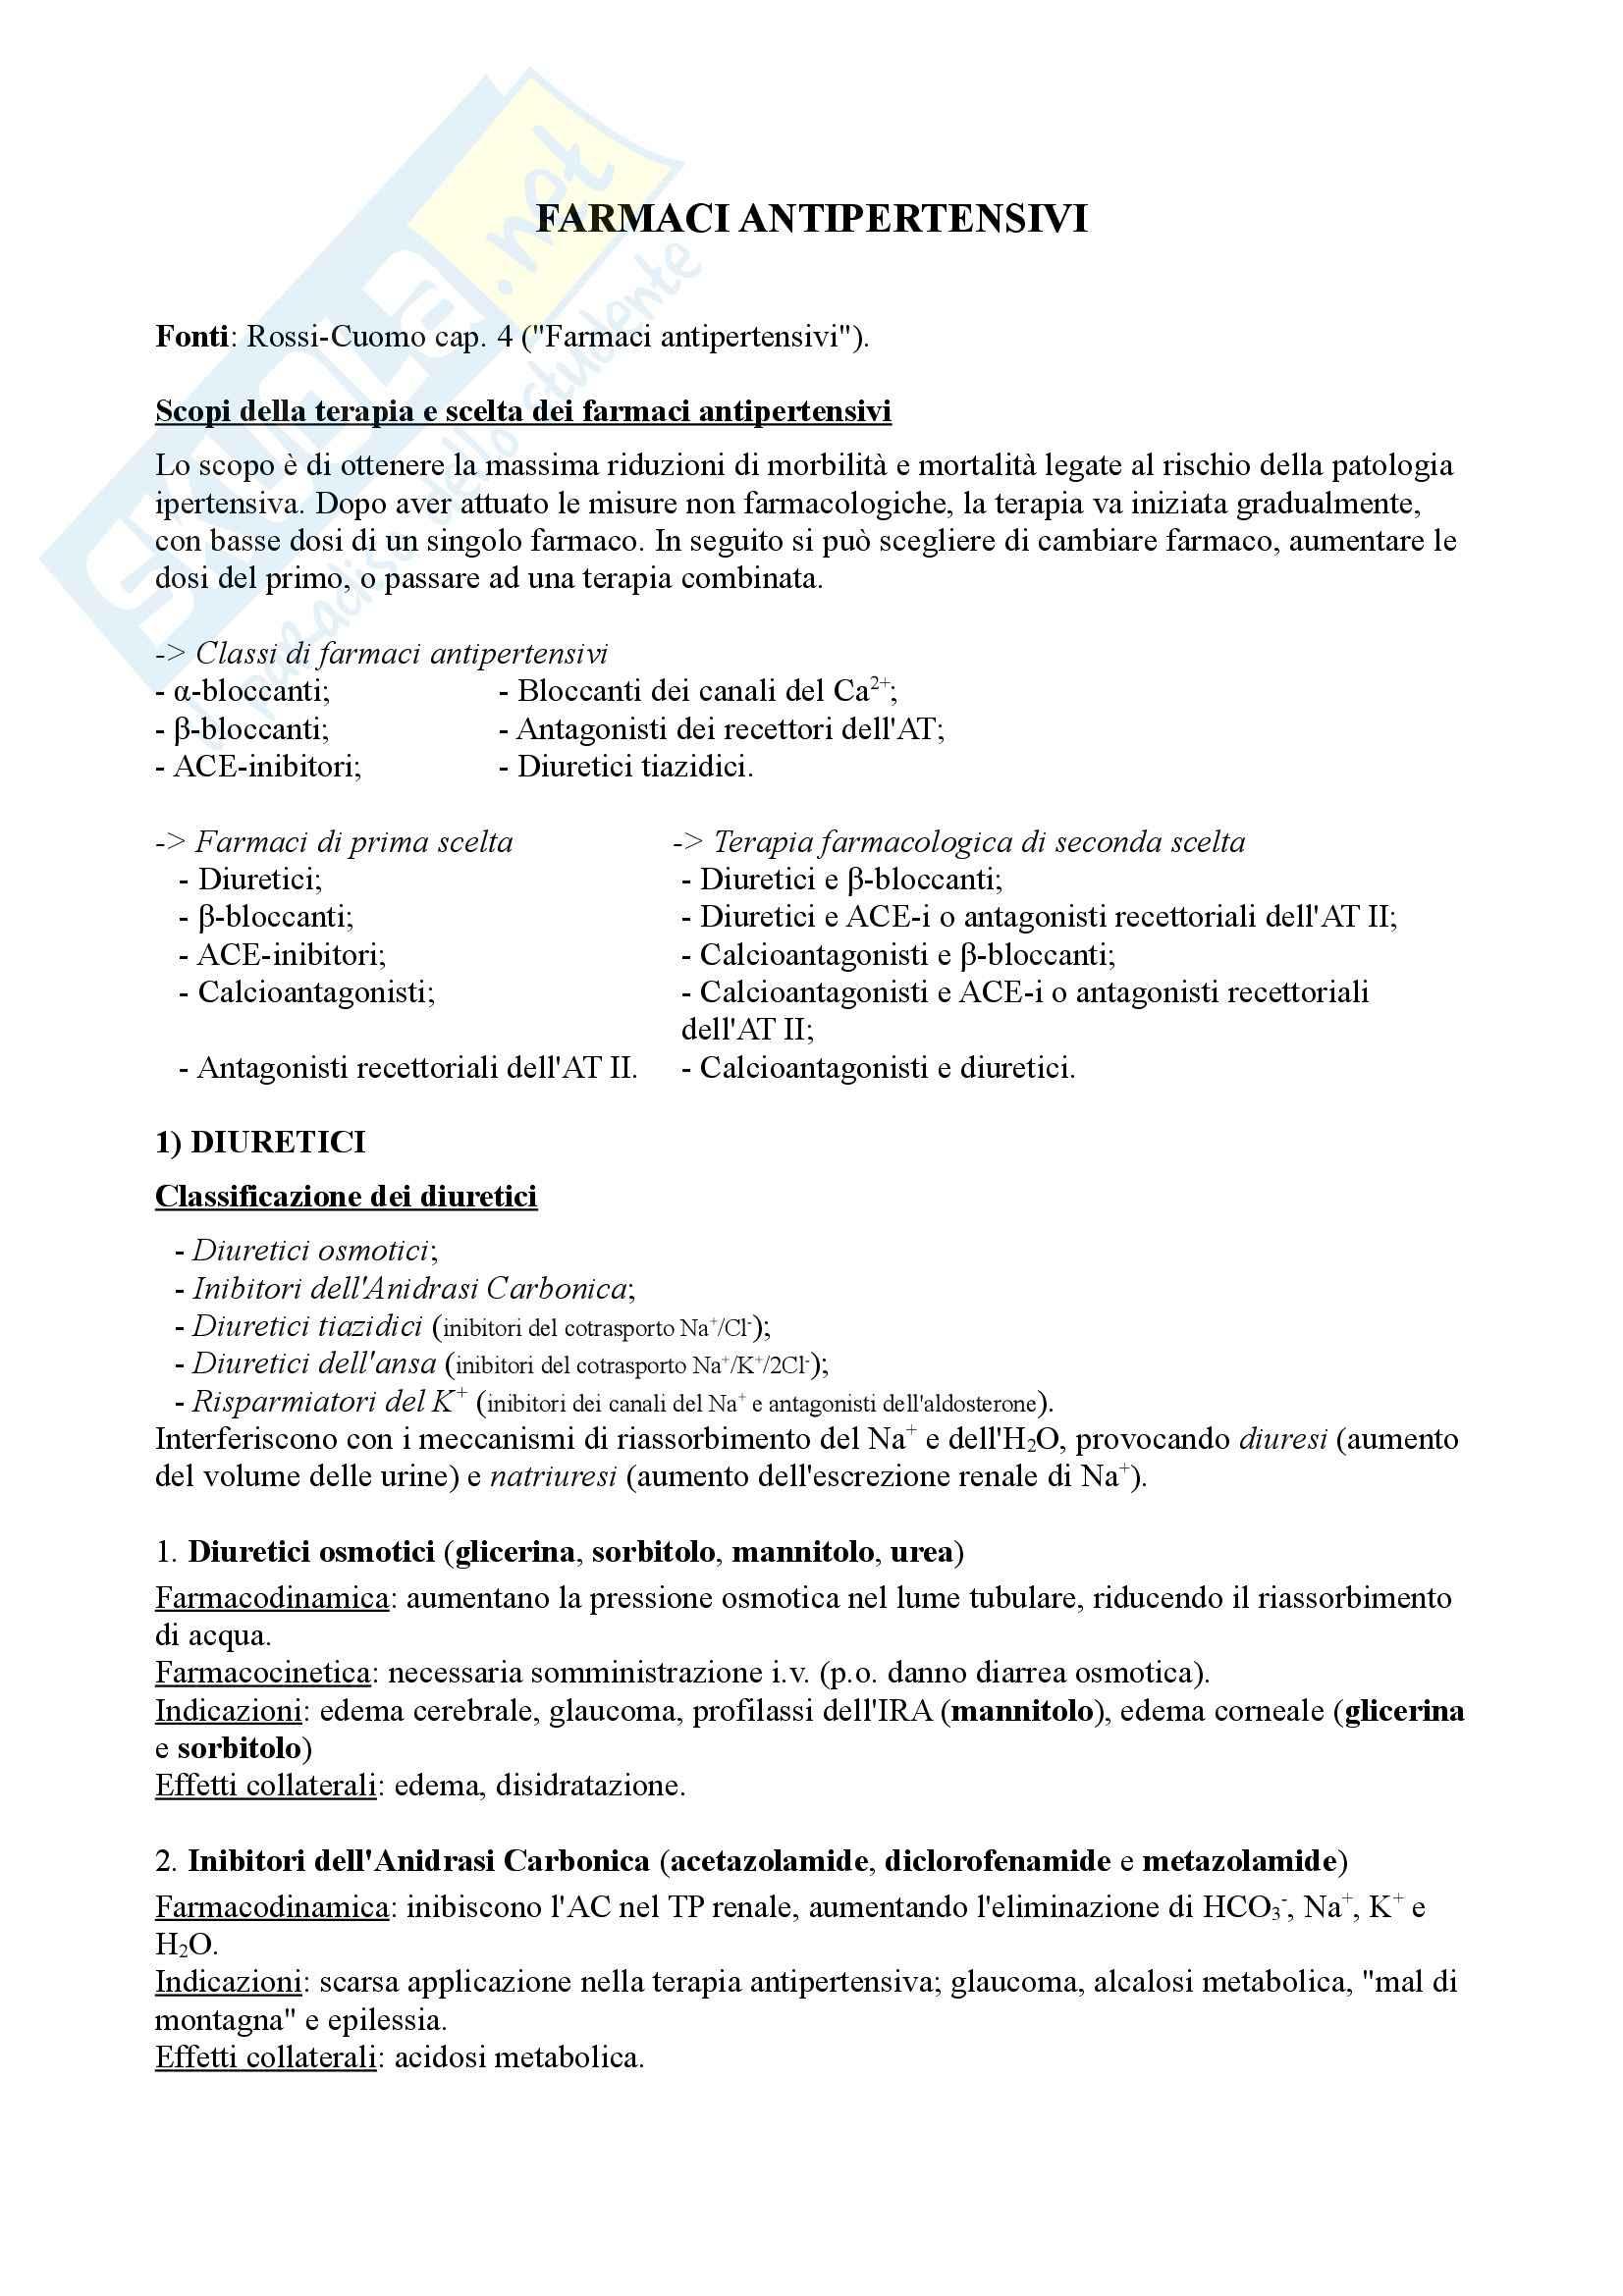 Riassunto esame Farmacologia CV